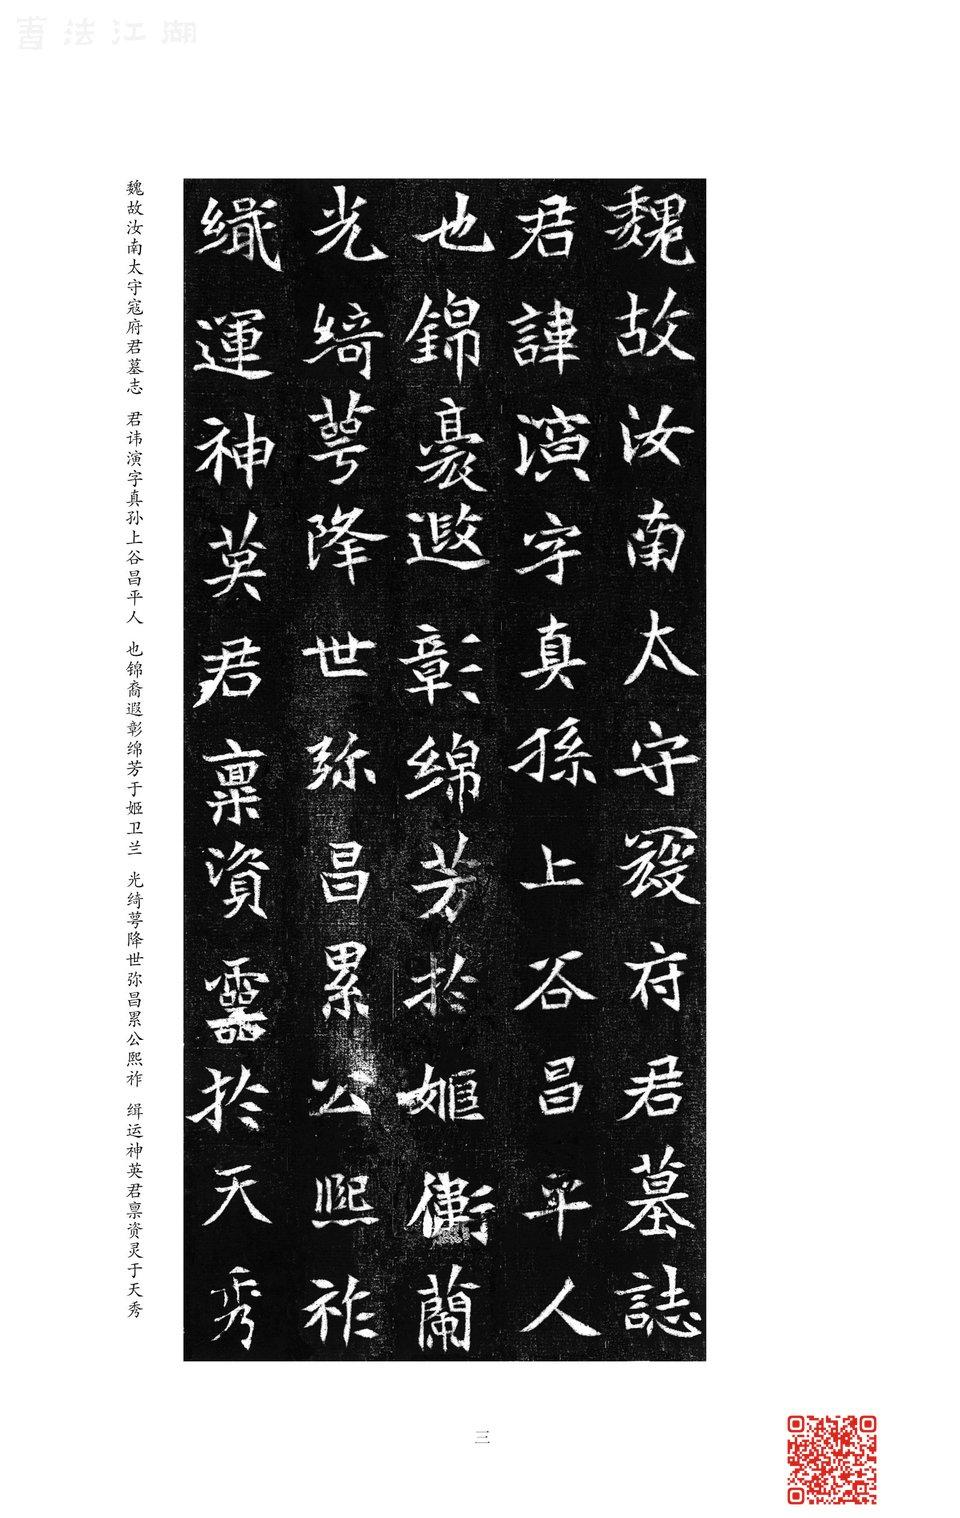 3-魏楷1-内页7.jpg